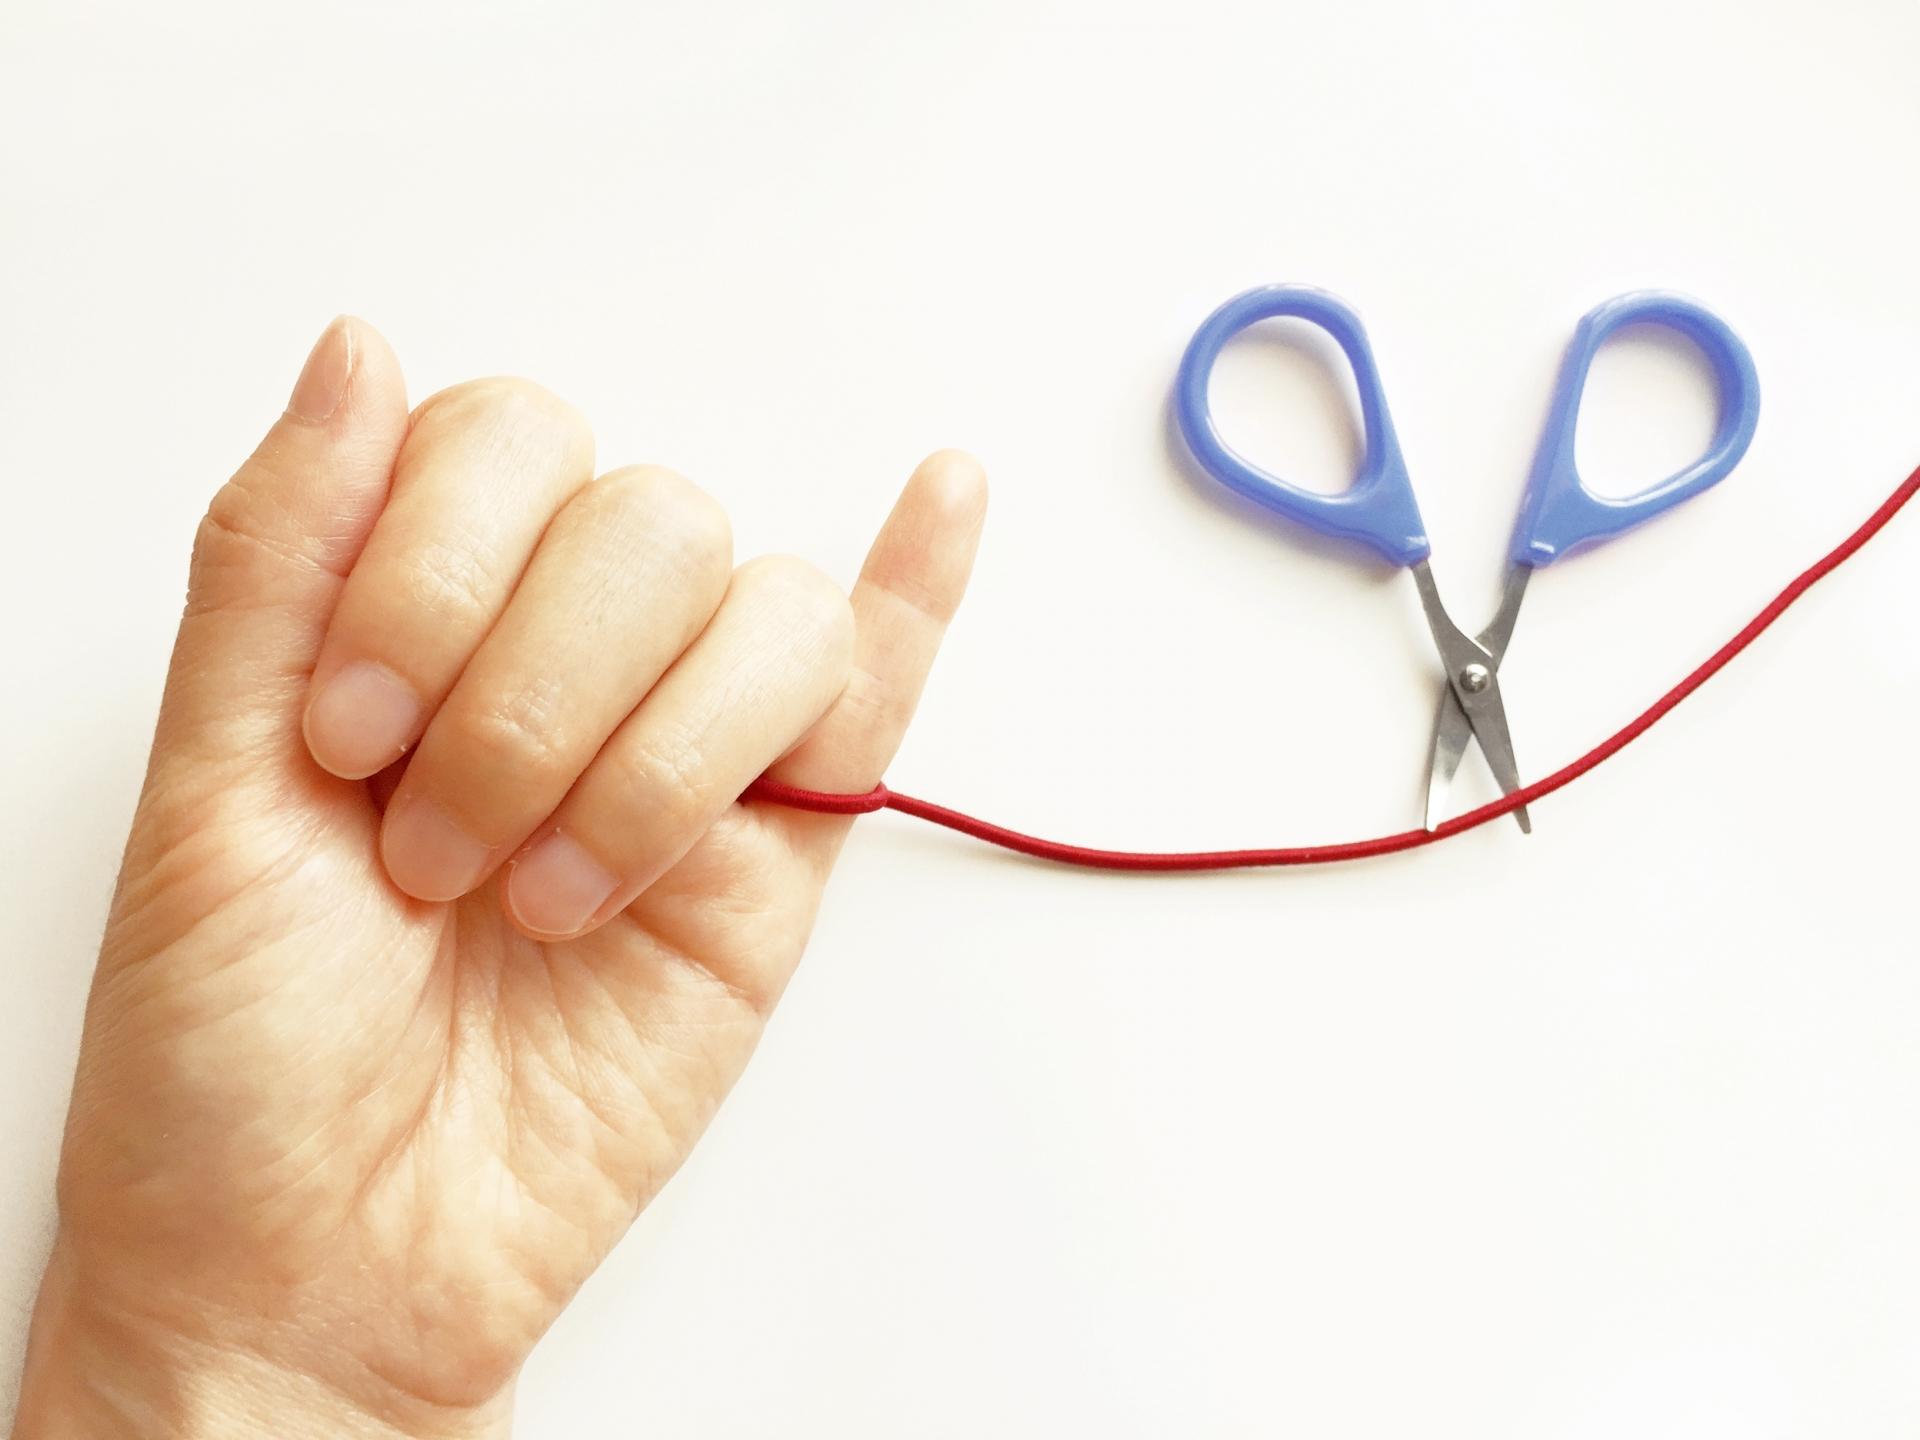 指の赤い糸